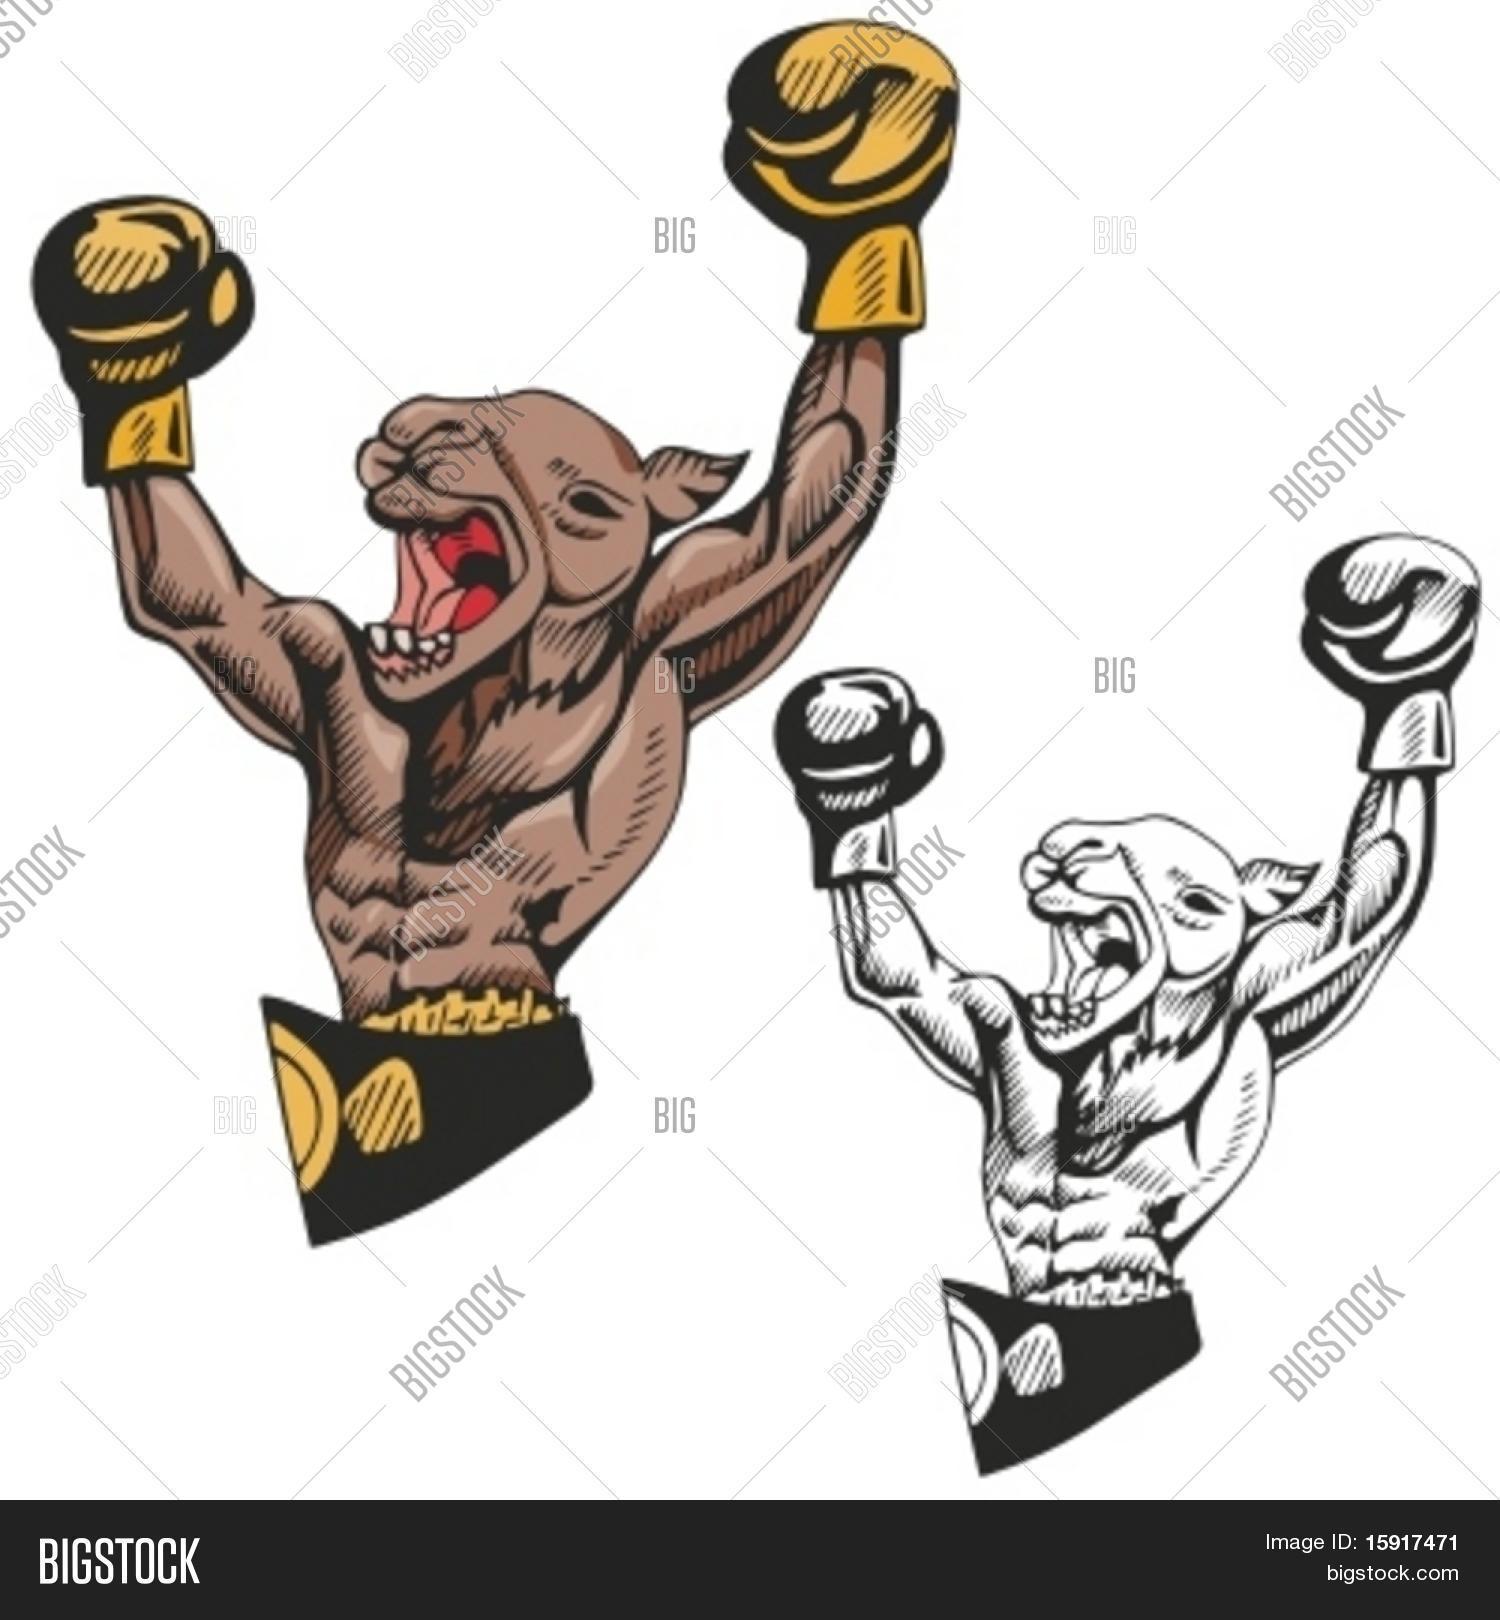 Camello mascota de boxeo para equipos deportivos. Ideal para diseños de  camiseta 68977e383a1